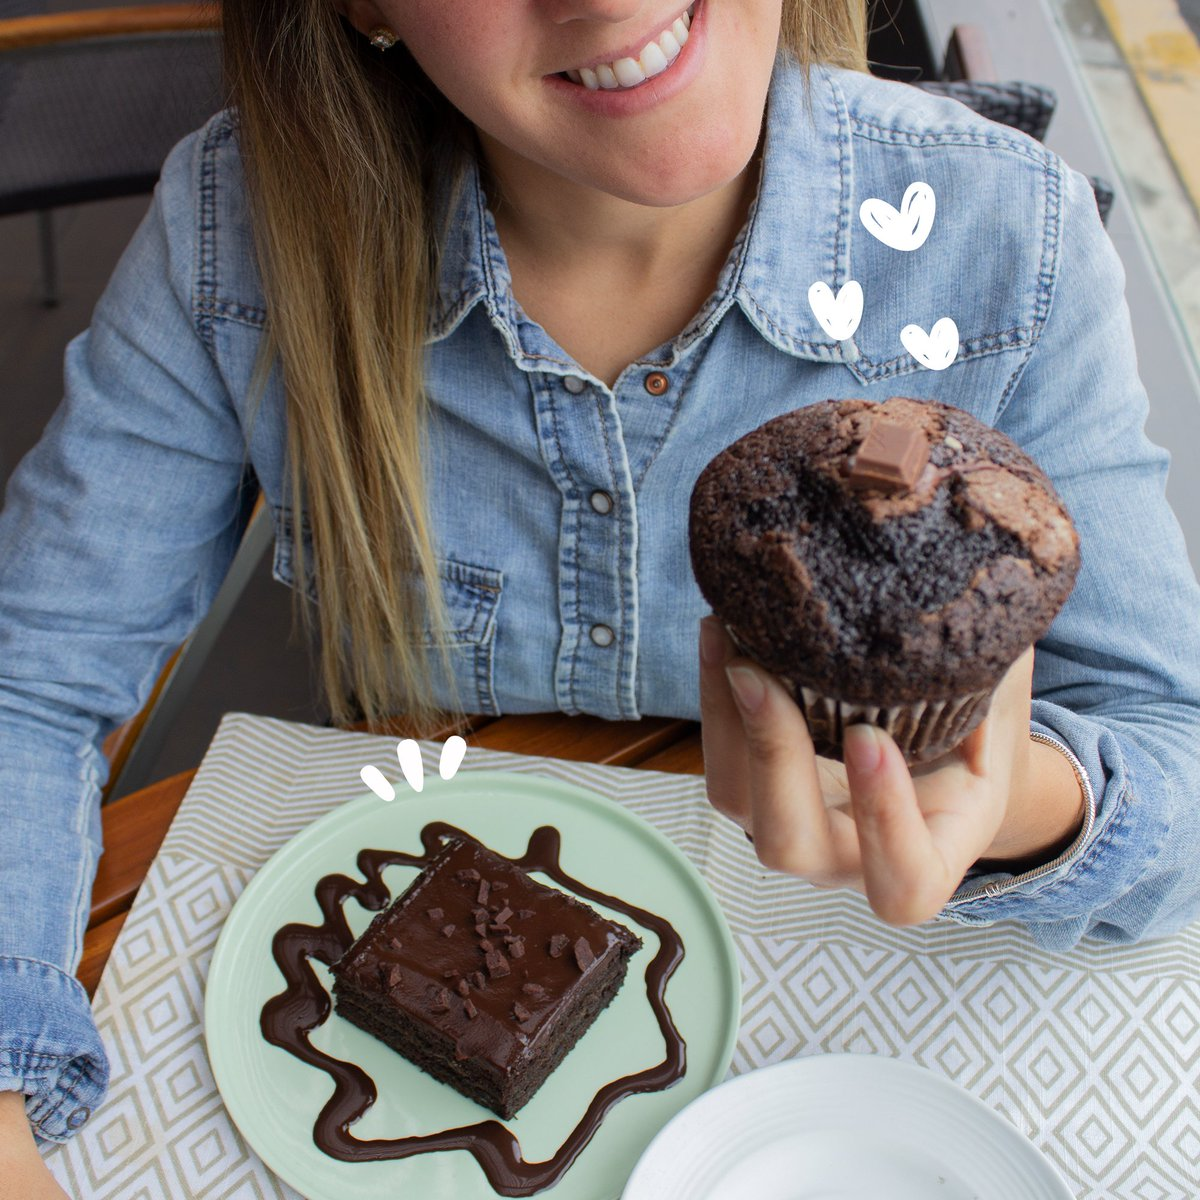 💚 ¡Amamos el chocolate por eso celebramos contigo nuestro Chocoweek! 🍫 ¿Cuál es tu opción de chocolate favorita? 😉 https://t.co/F1dRlFGKEm